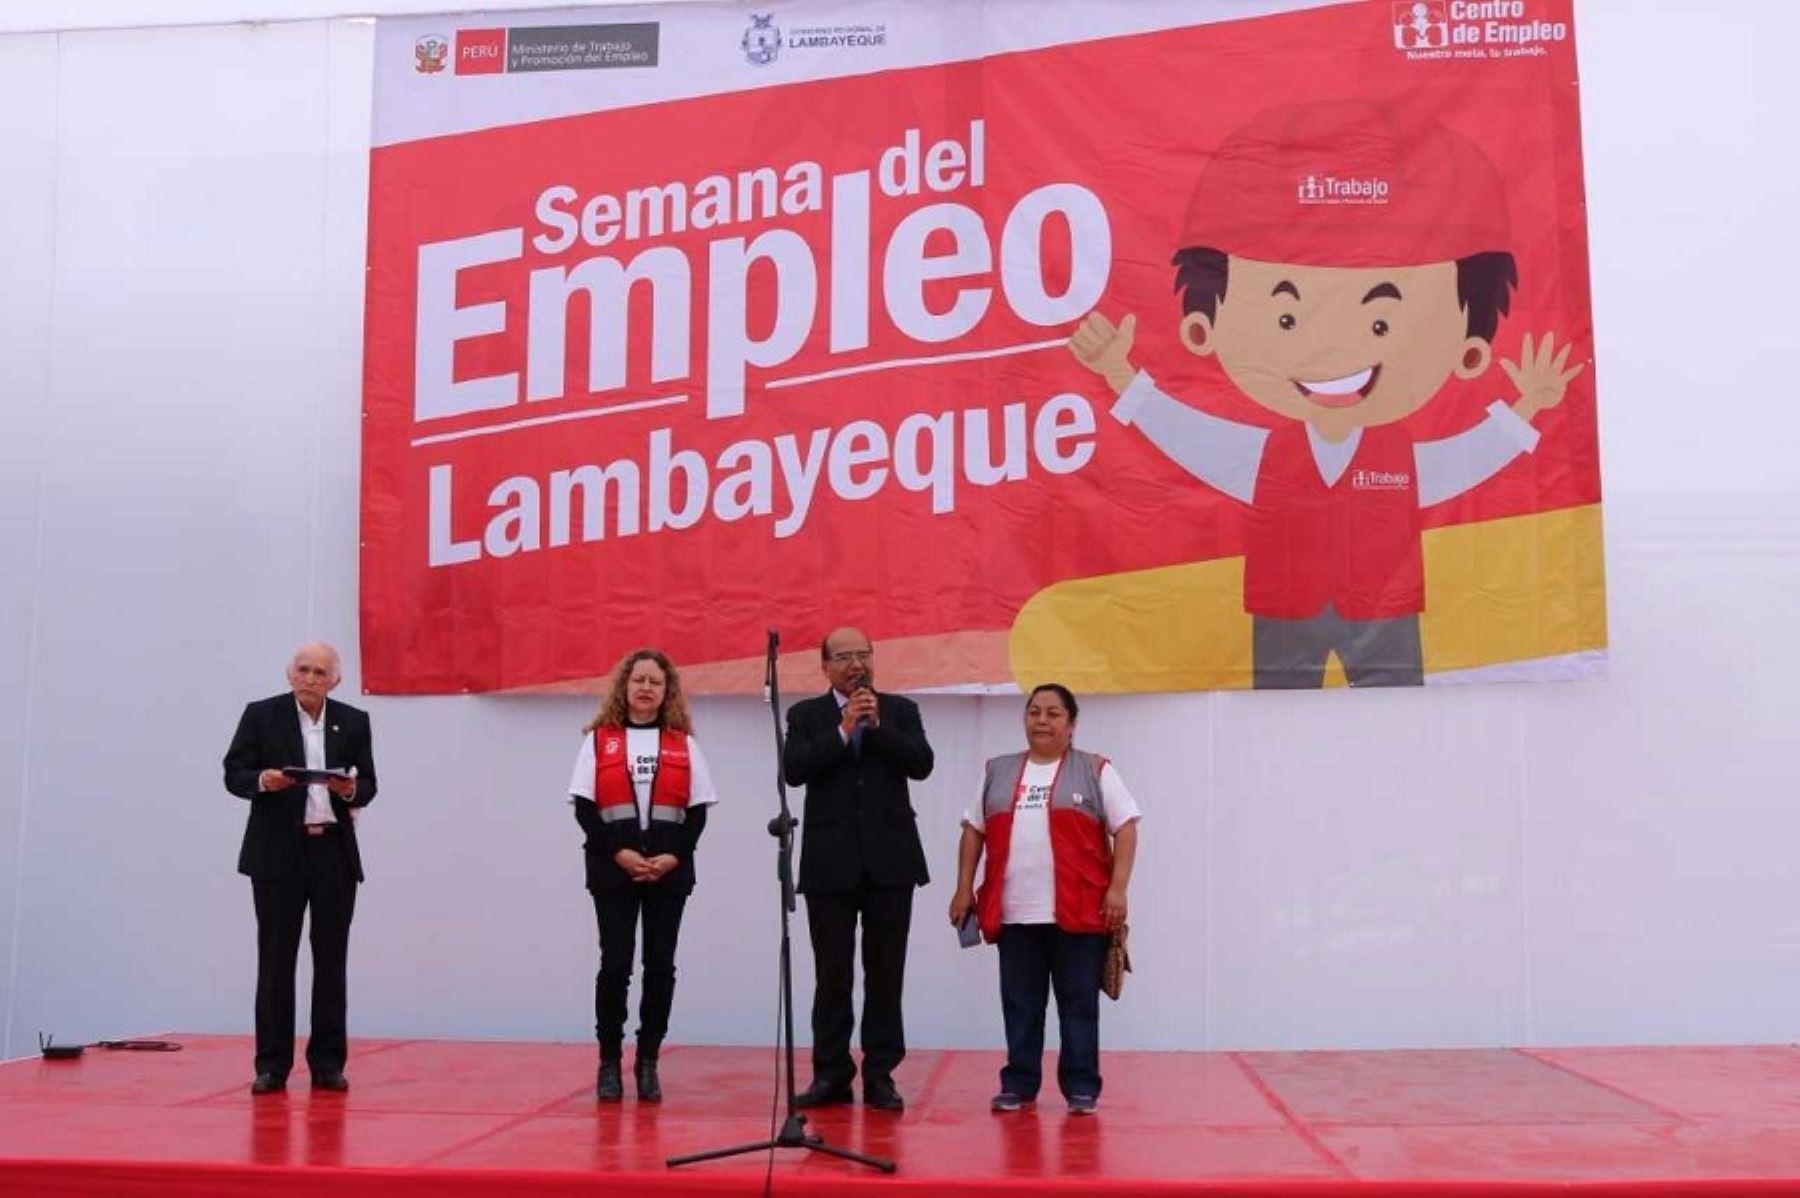 El Centro de Empleo de la Gerencia Regional de Trabajo y Promoción del Empleo y el Ministerio de Trabajo ofrecen 2,500 oportunidades laborales en la Semana del Empleo, que se inauguró en la Casa Comunal de la Juventud de la ciudad de Chiclayo, en la región Lambayeque.